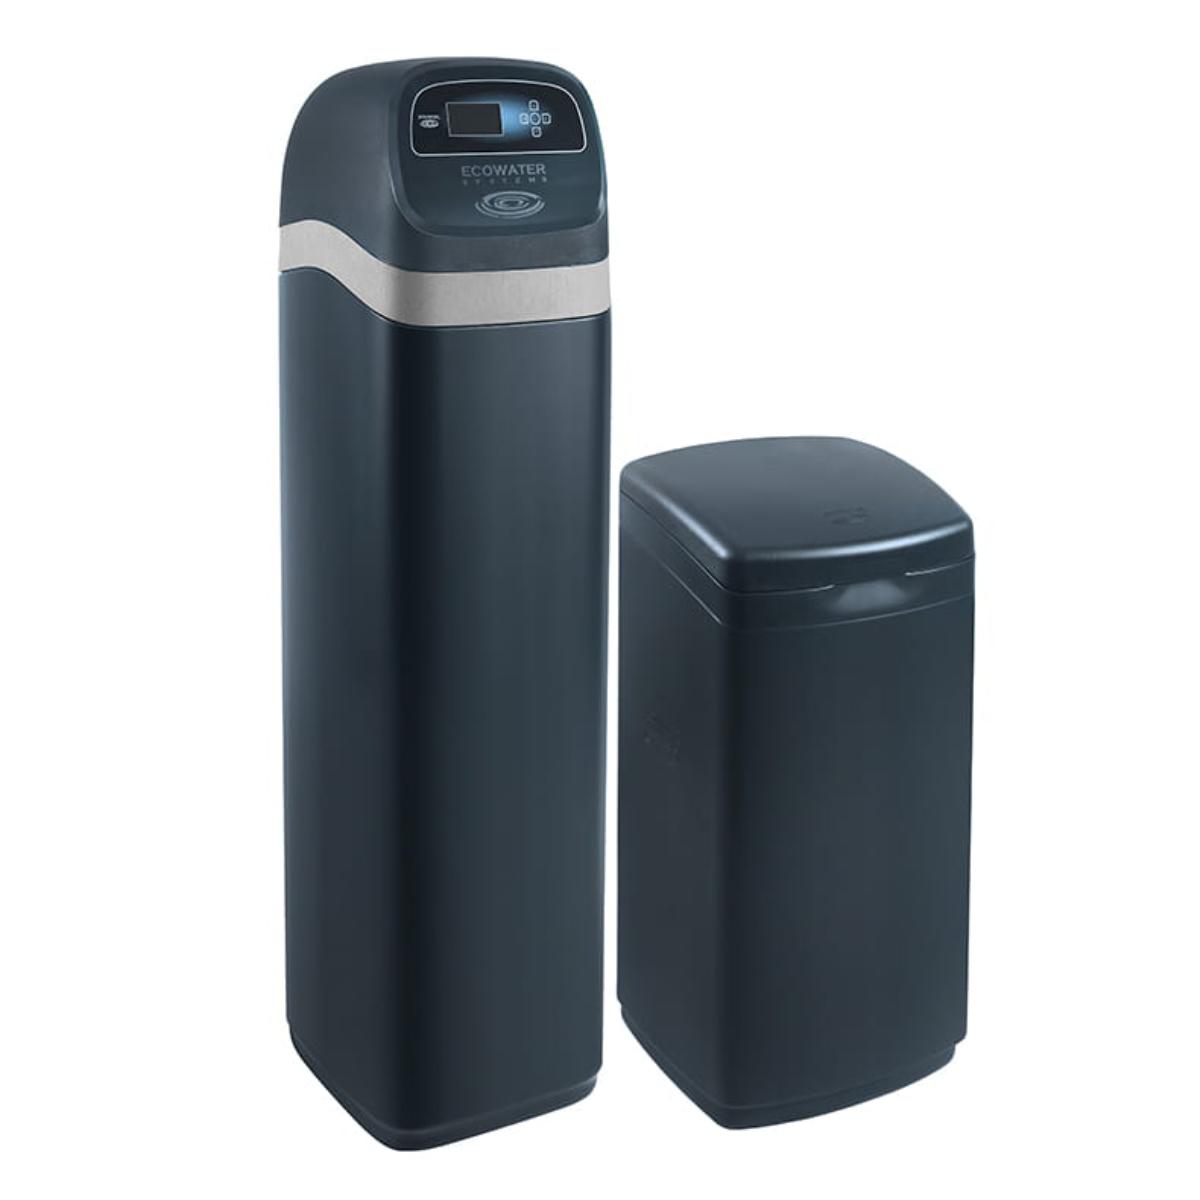 Zmiękczacz wody Ecowater eVolution 700 Power